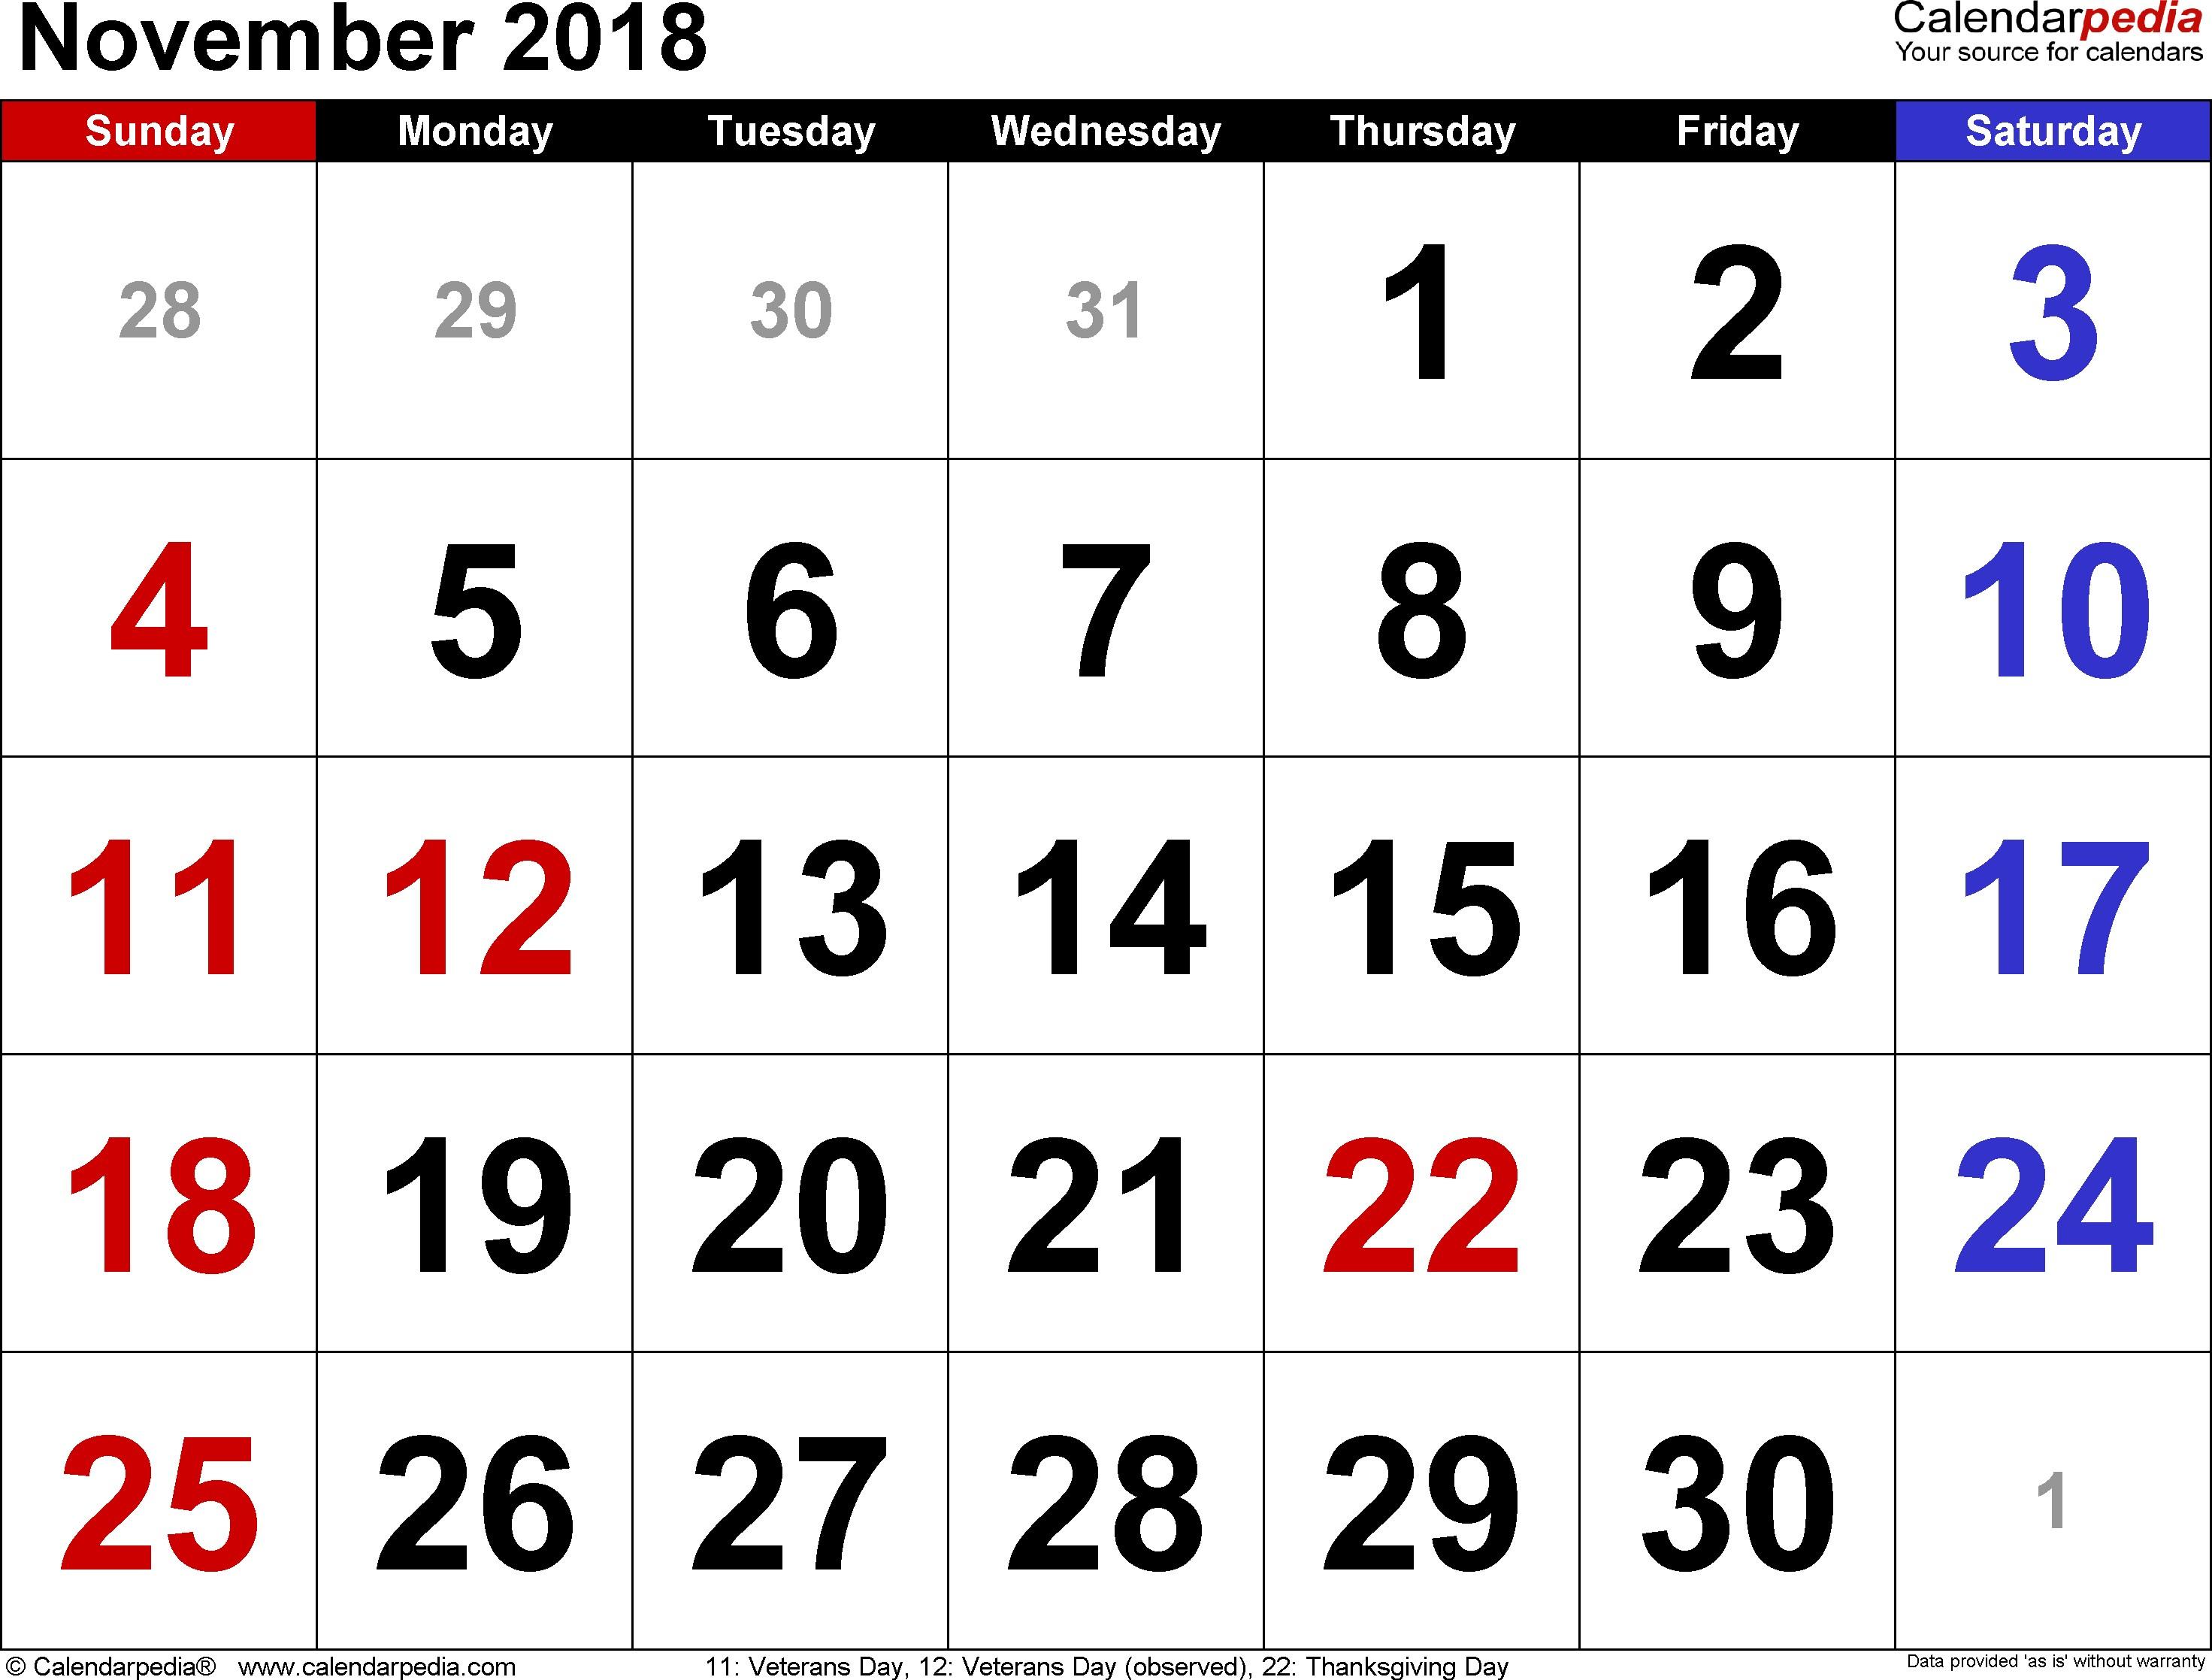 Kalender 2019 Excel Mit Feiertagen Más Populares Kalender November 2016 Zum Ausdrucken Excel — Hylenddawards Of Kalender 2019 Excel Mit Feiertagen Más Actual Kalender 2019 Excel Calendar 2016 2017 – Calendar Free Printable